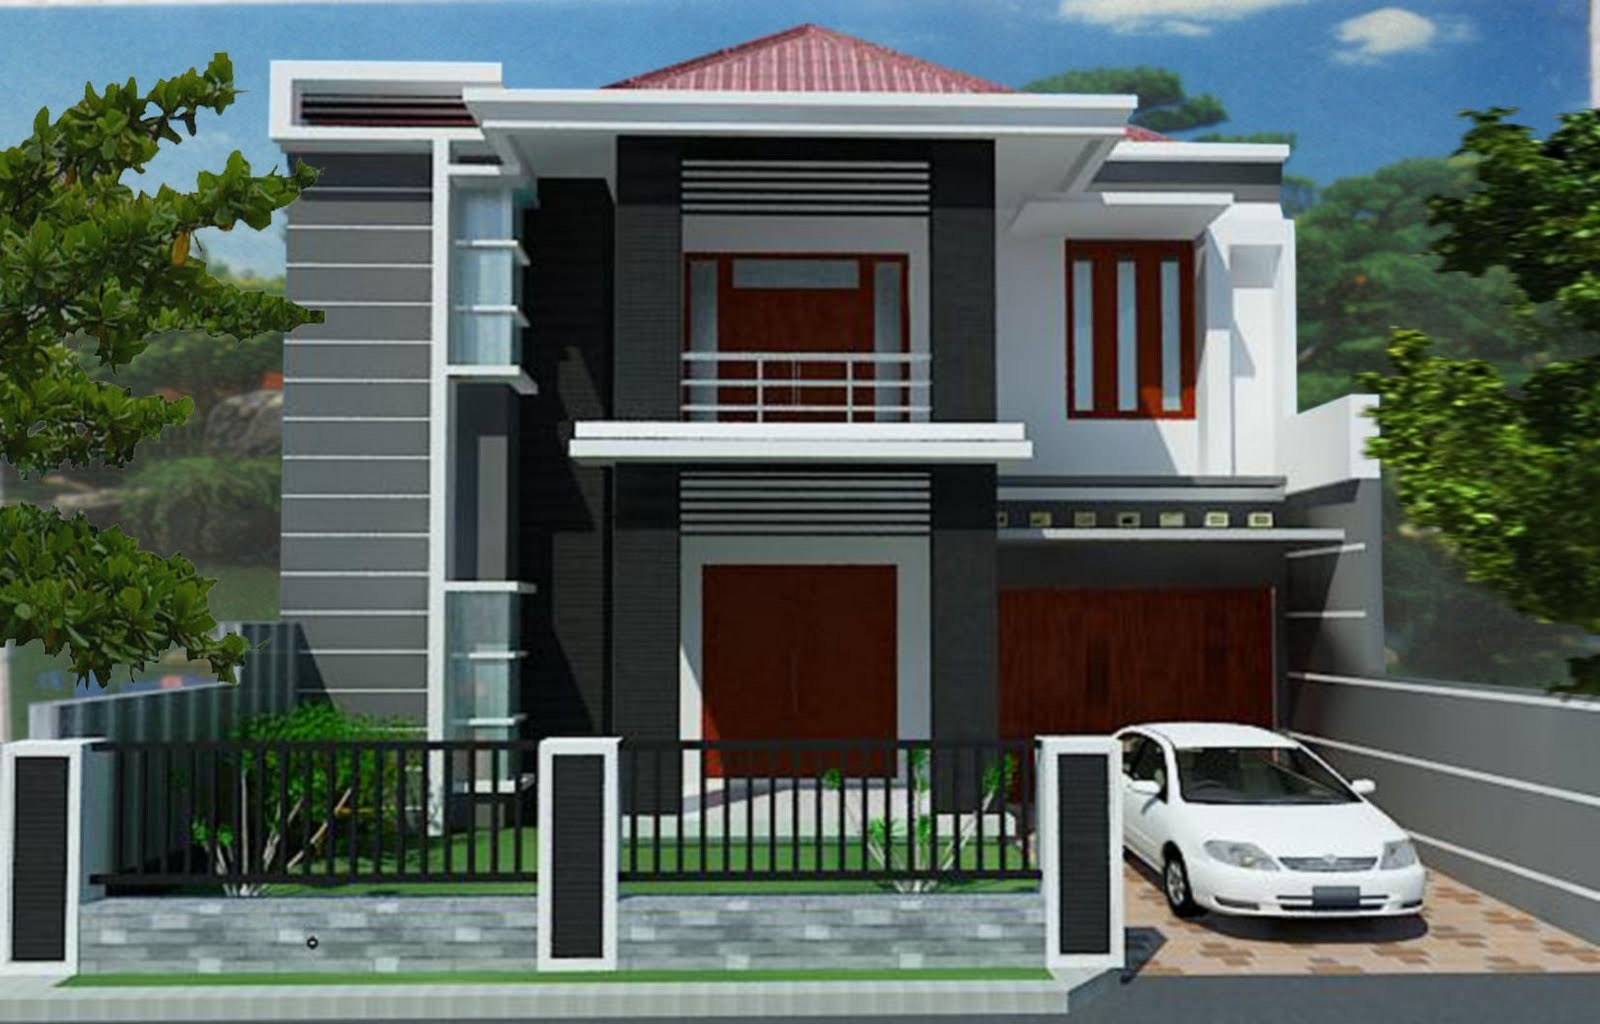 analisa panduan perhitungan biaya pembangunan rumah lantai